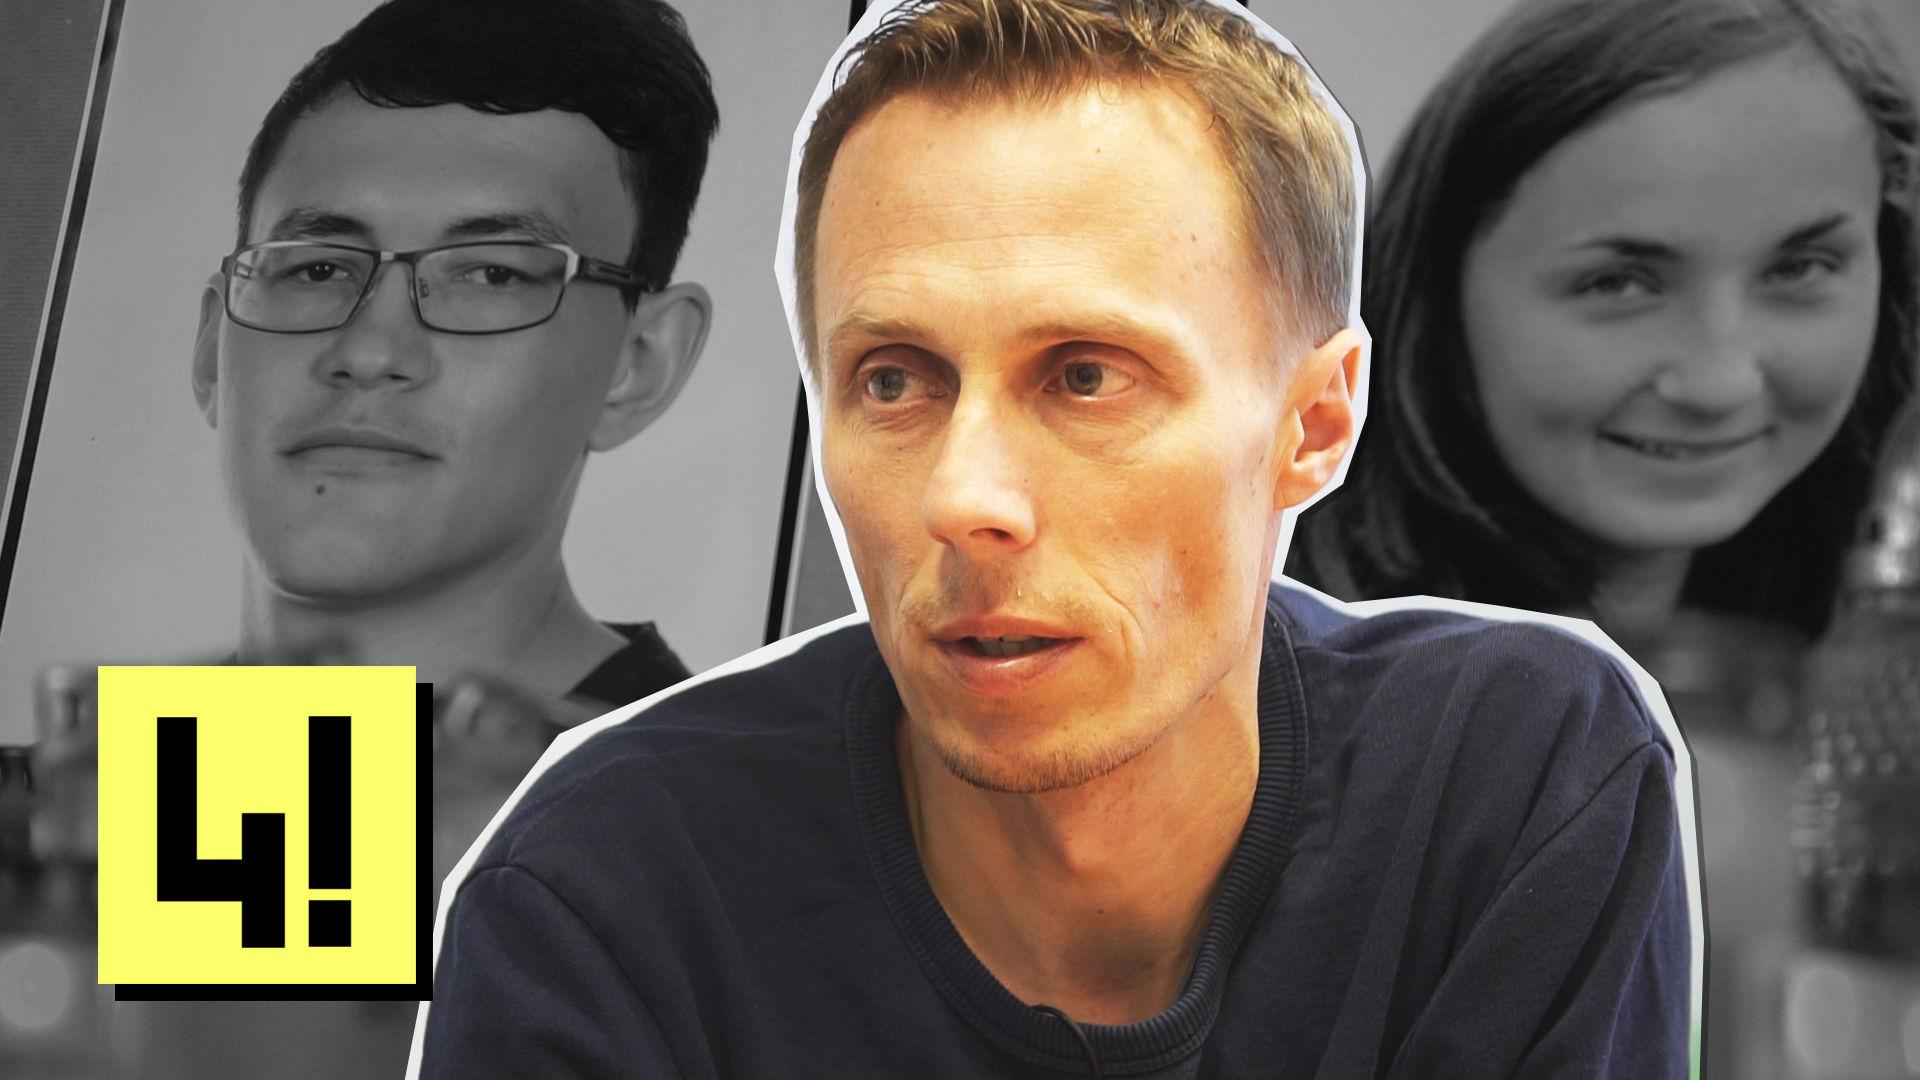 Azt várták, mindent borít a szlovák újságíró cikke, nem azt, hogy megölik miatta